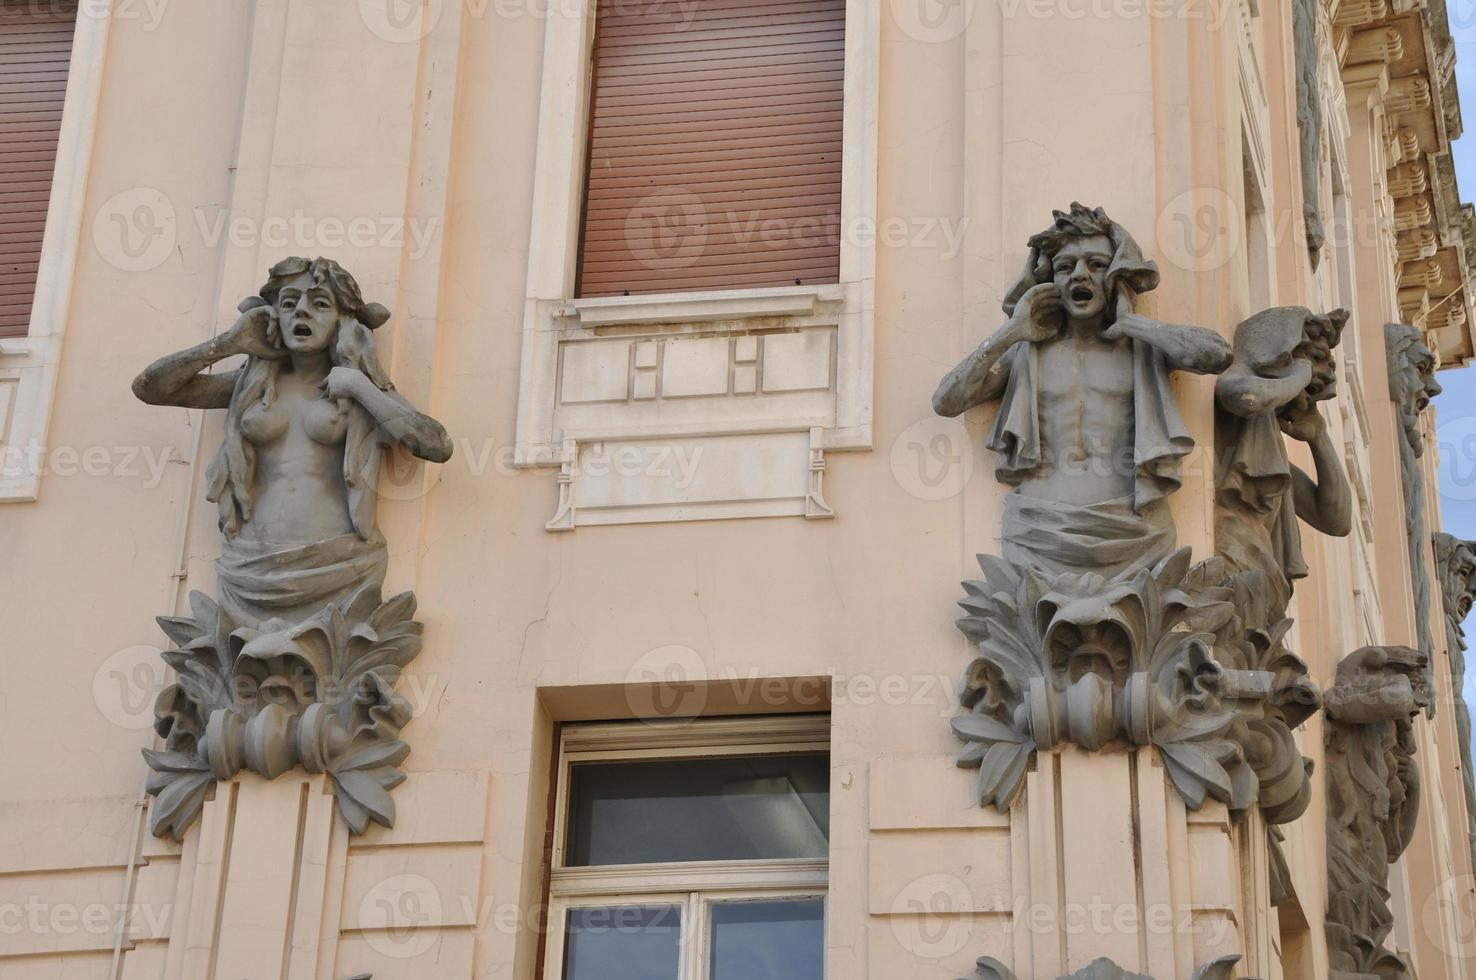 Marmont Street en la división con decoración de fachada Croacia hrvatska foto